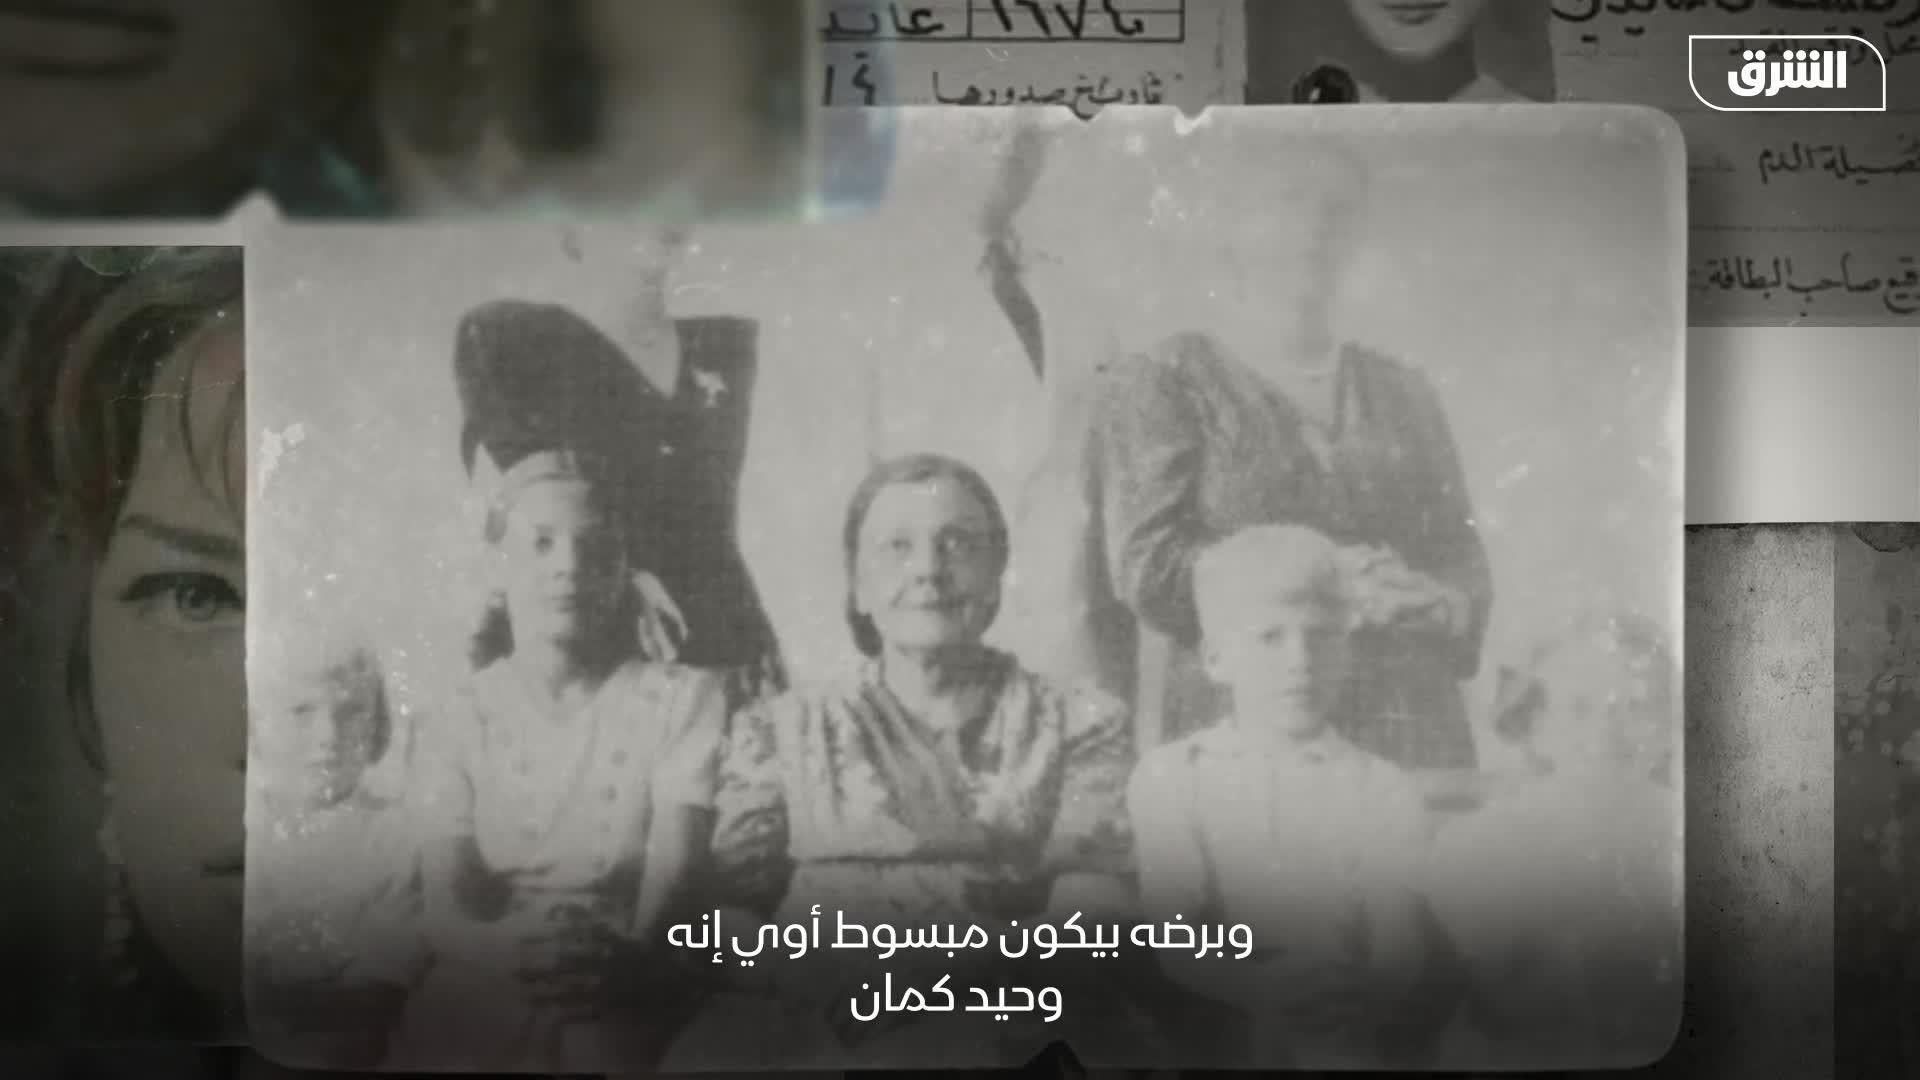 اسمي بولا - مذكرات الفنانة نادية لطفي- ح2